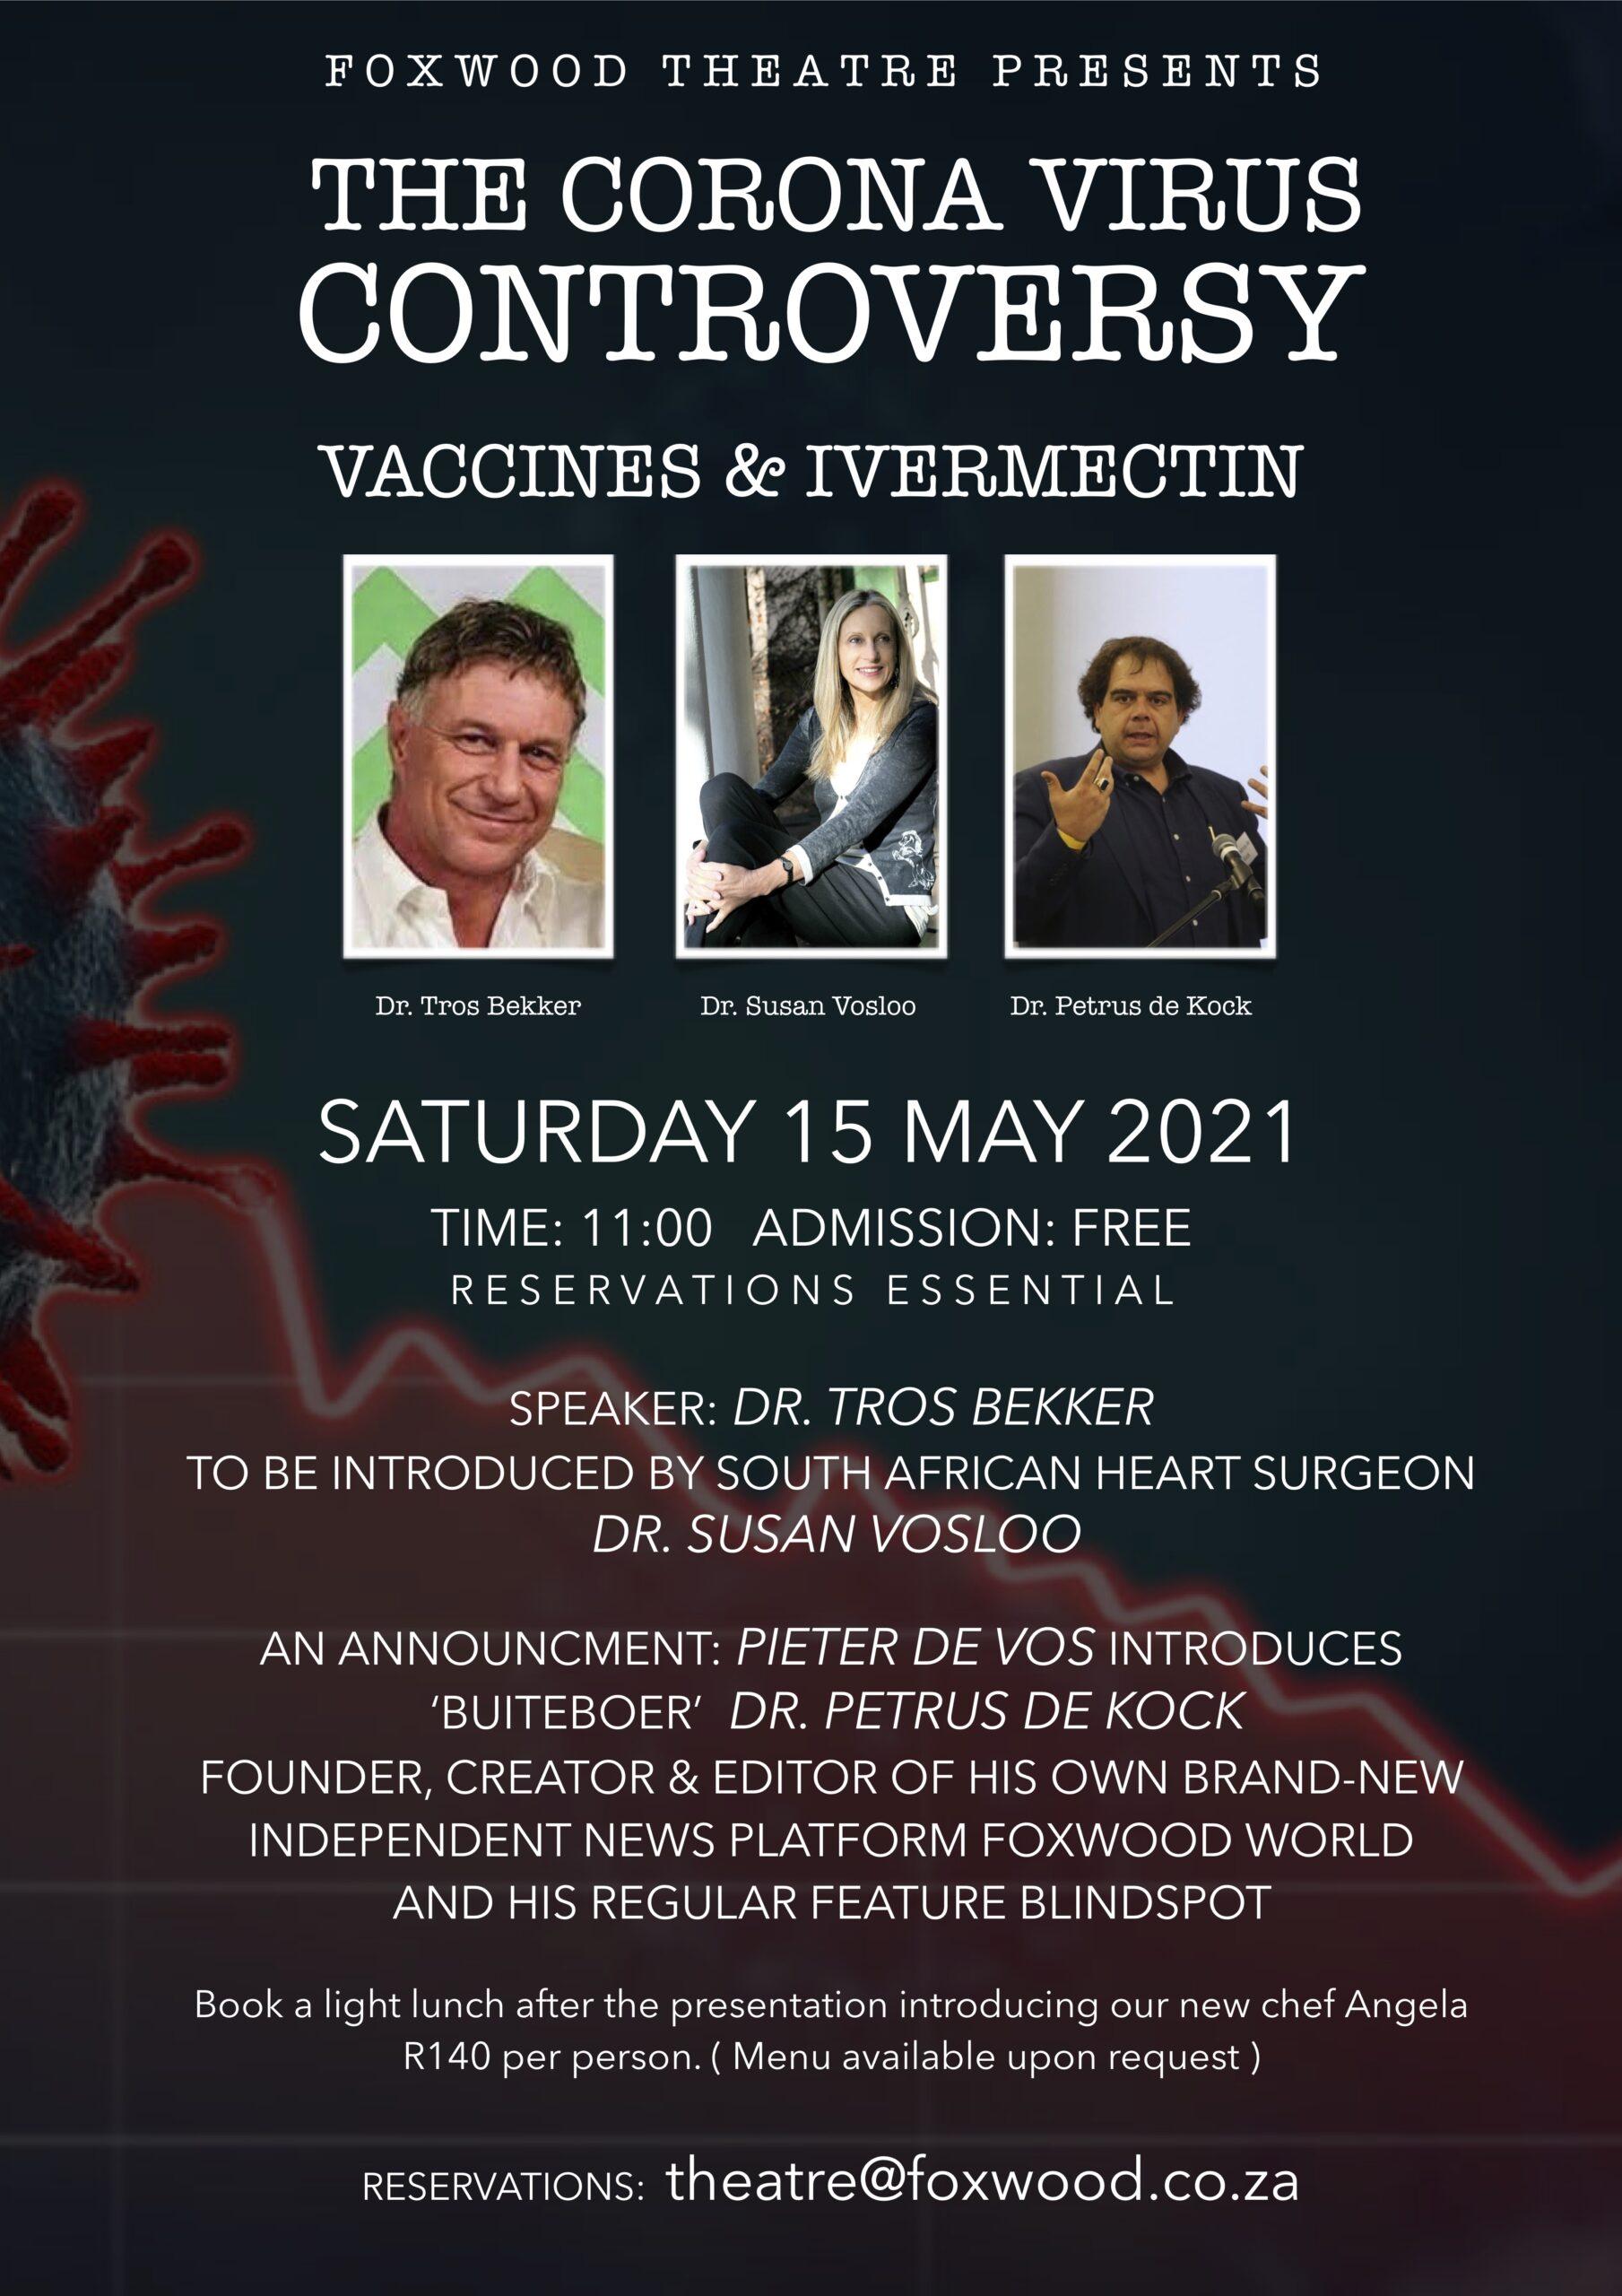 The Corona Virus Controversy – Vaccines & Ivermectin